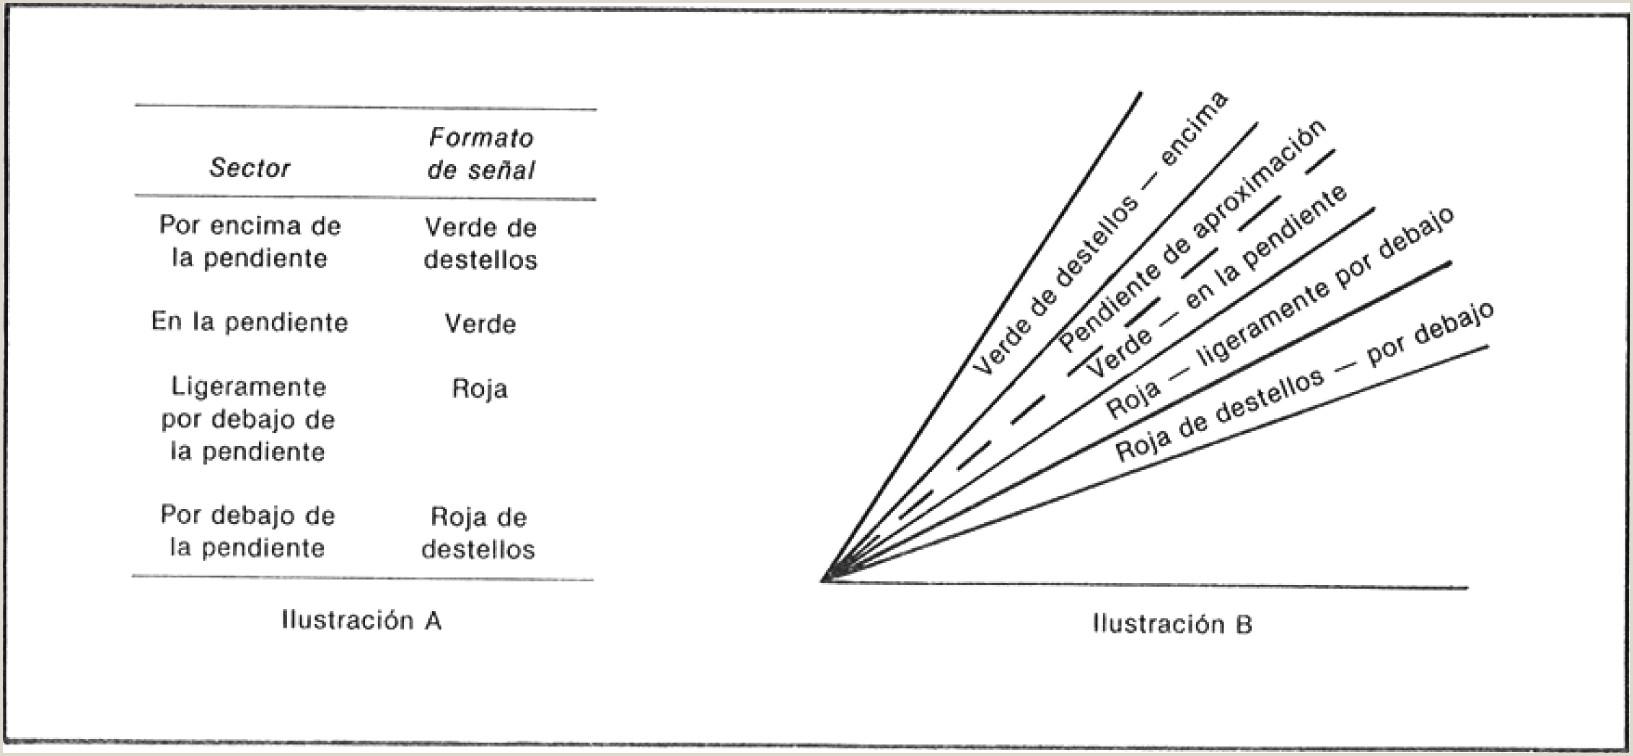 Formato único De Hoja De Vida original Boe Documento Consolidado Boe A 2009 9043